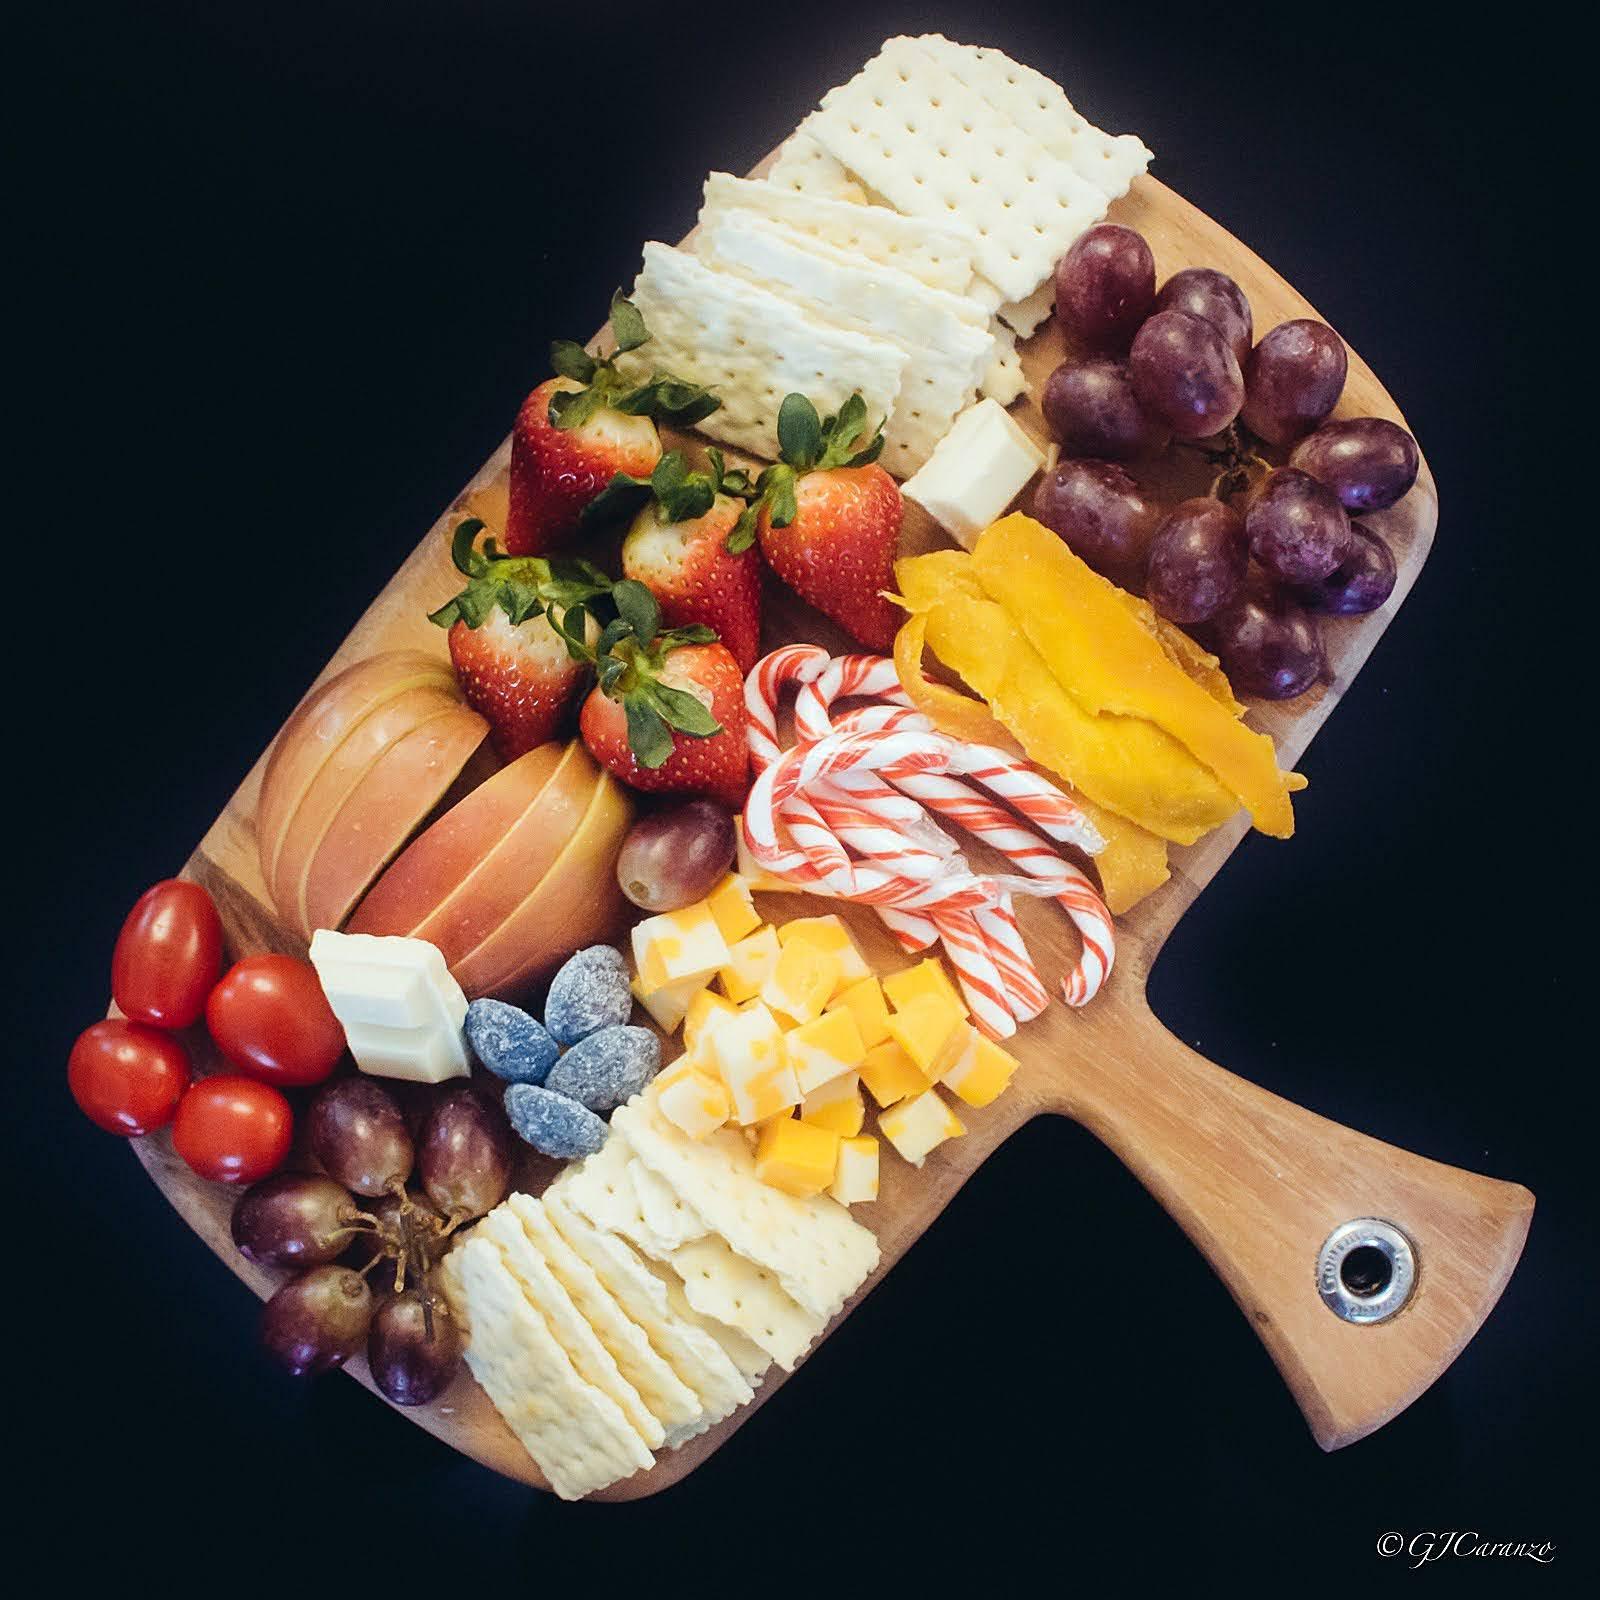 Easy Snack Board Idea